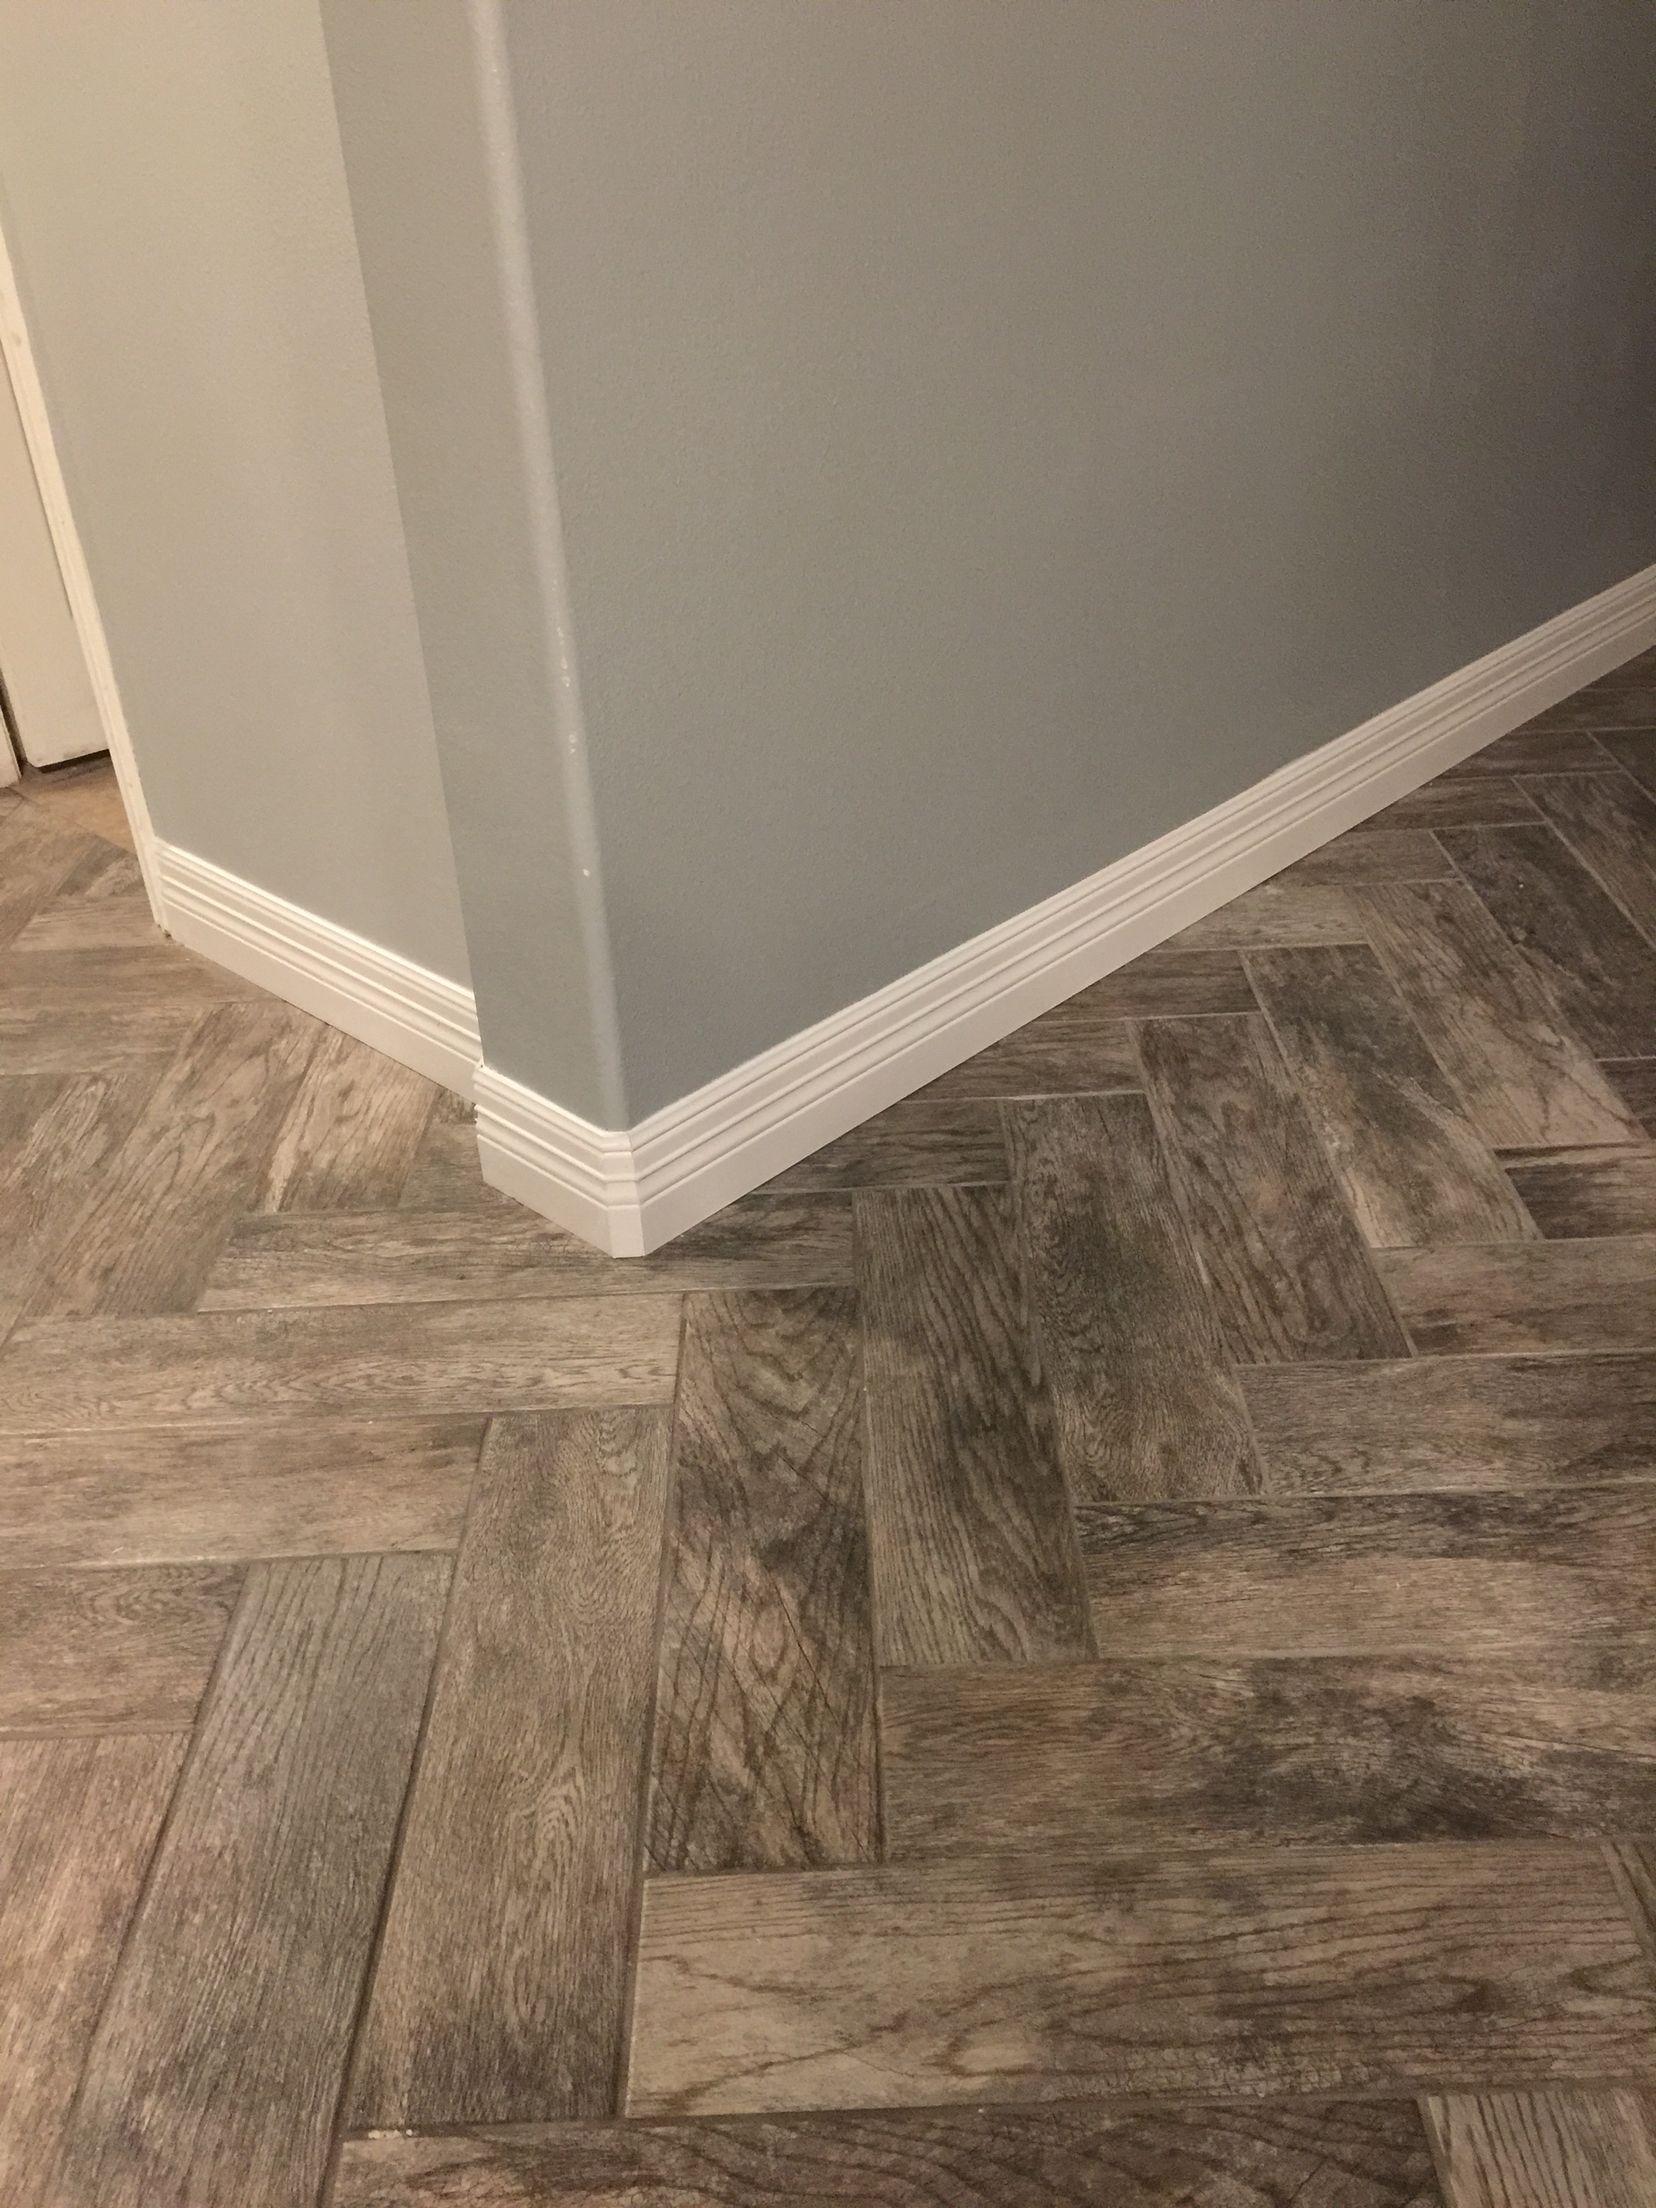 Fumed Home, Renovation, Home remodeling